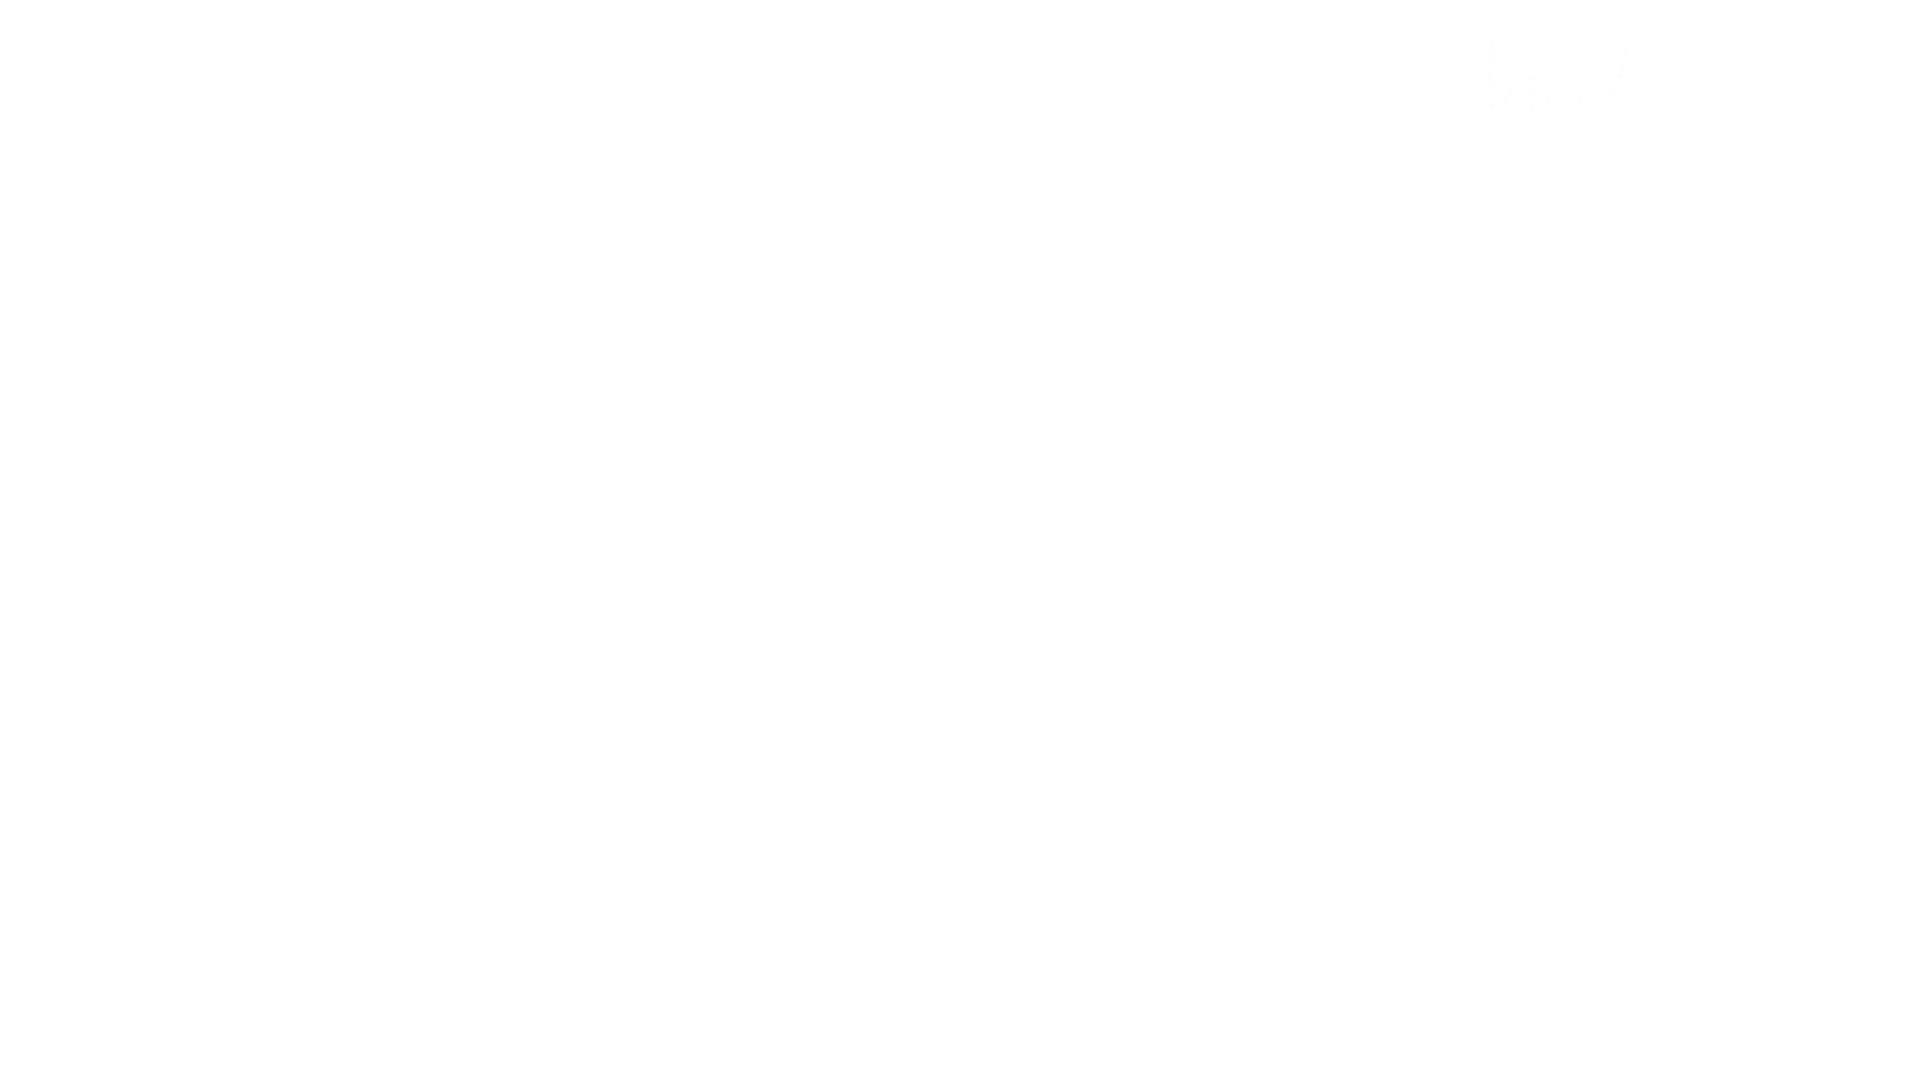 至高下半身盗撮-PREMIUM-【院内病棟編 】 vol.02 盗撮特集  59画像 28